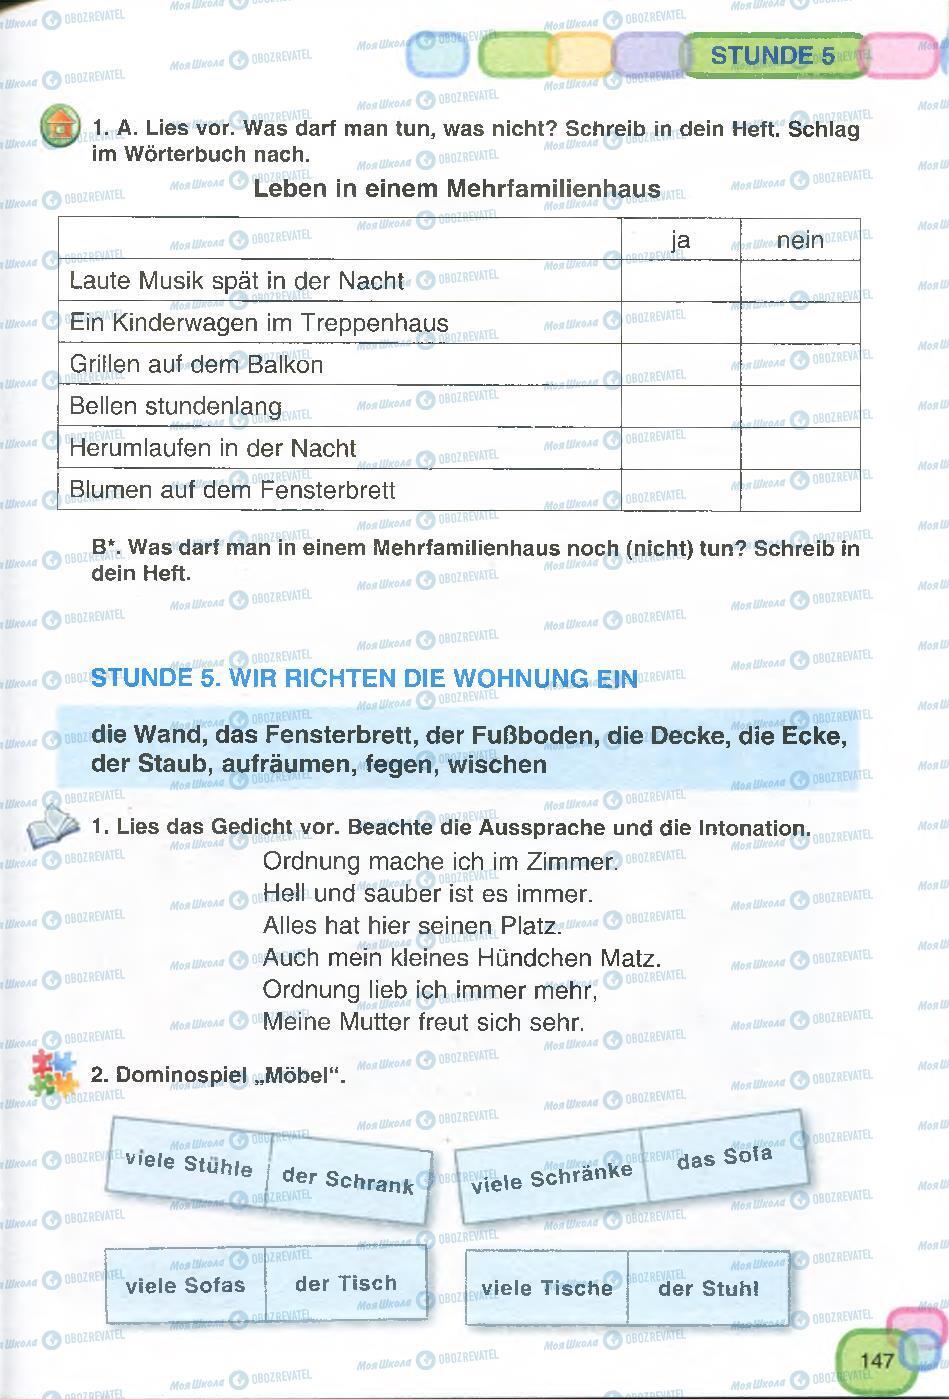 Підручники Німецька мова 7 клас сторінка 147